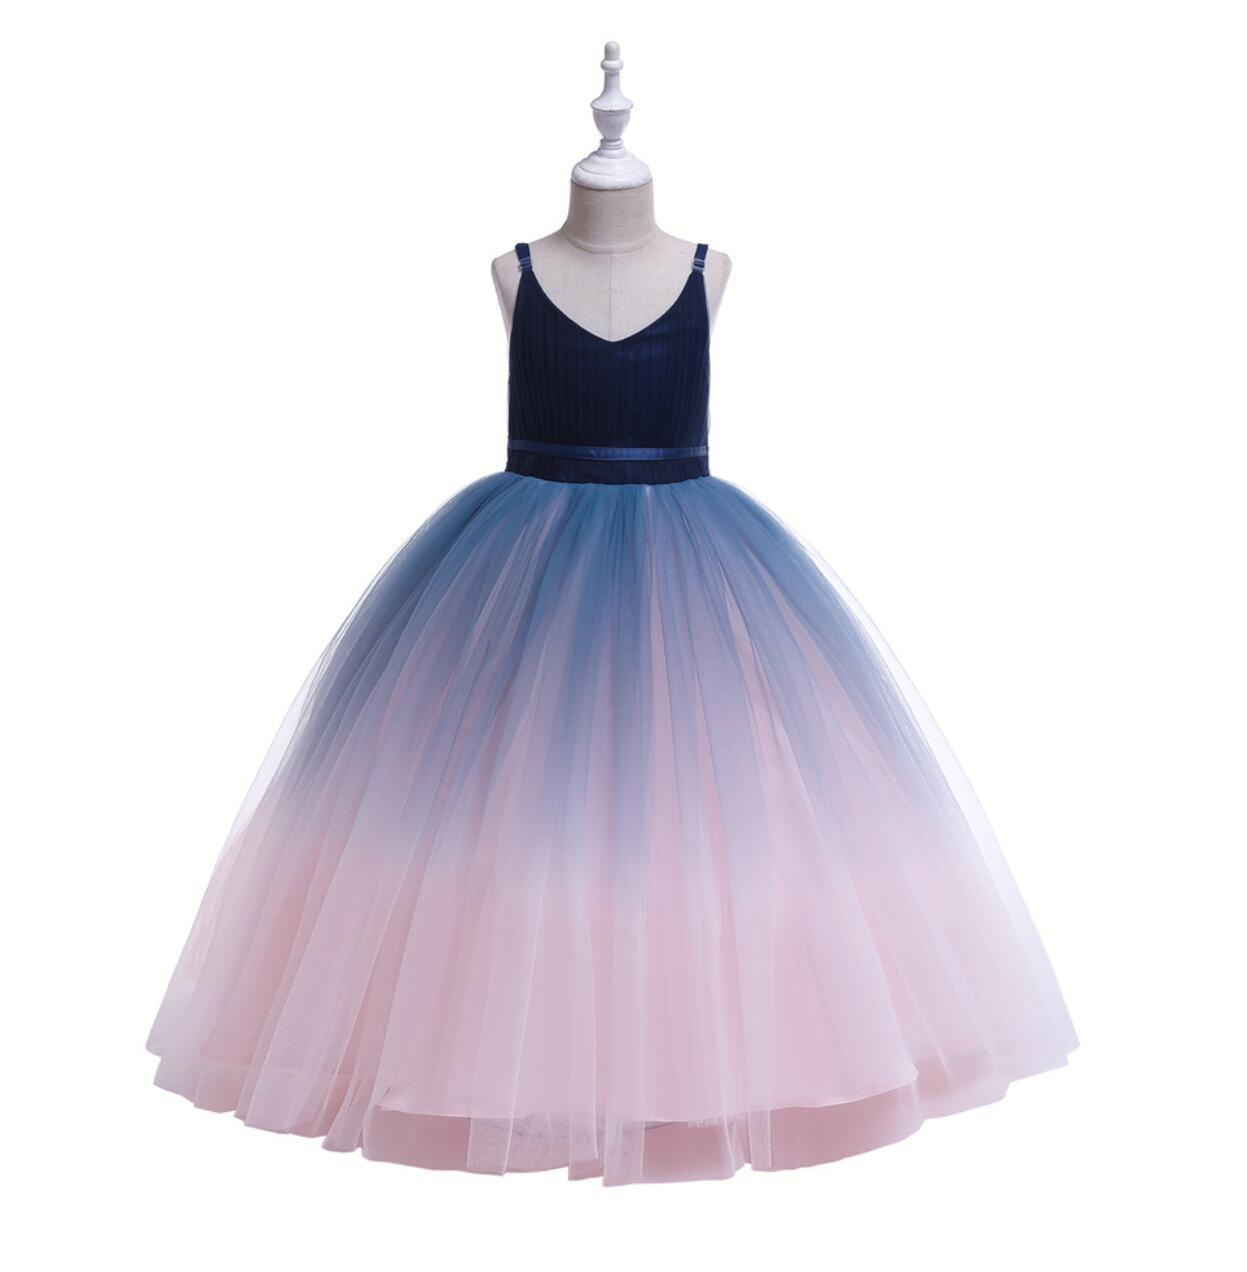 Meisjeskleding Meisjes Feestjurk Vera - blauw-multi